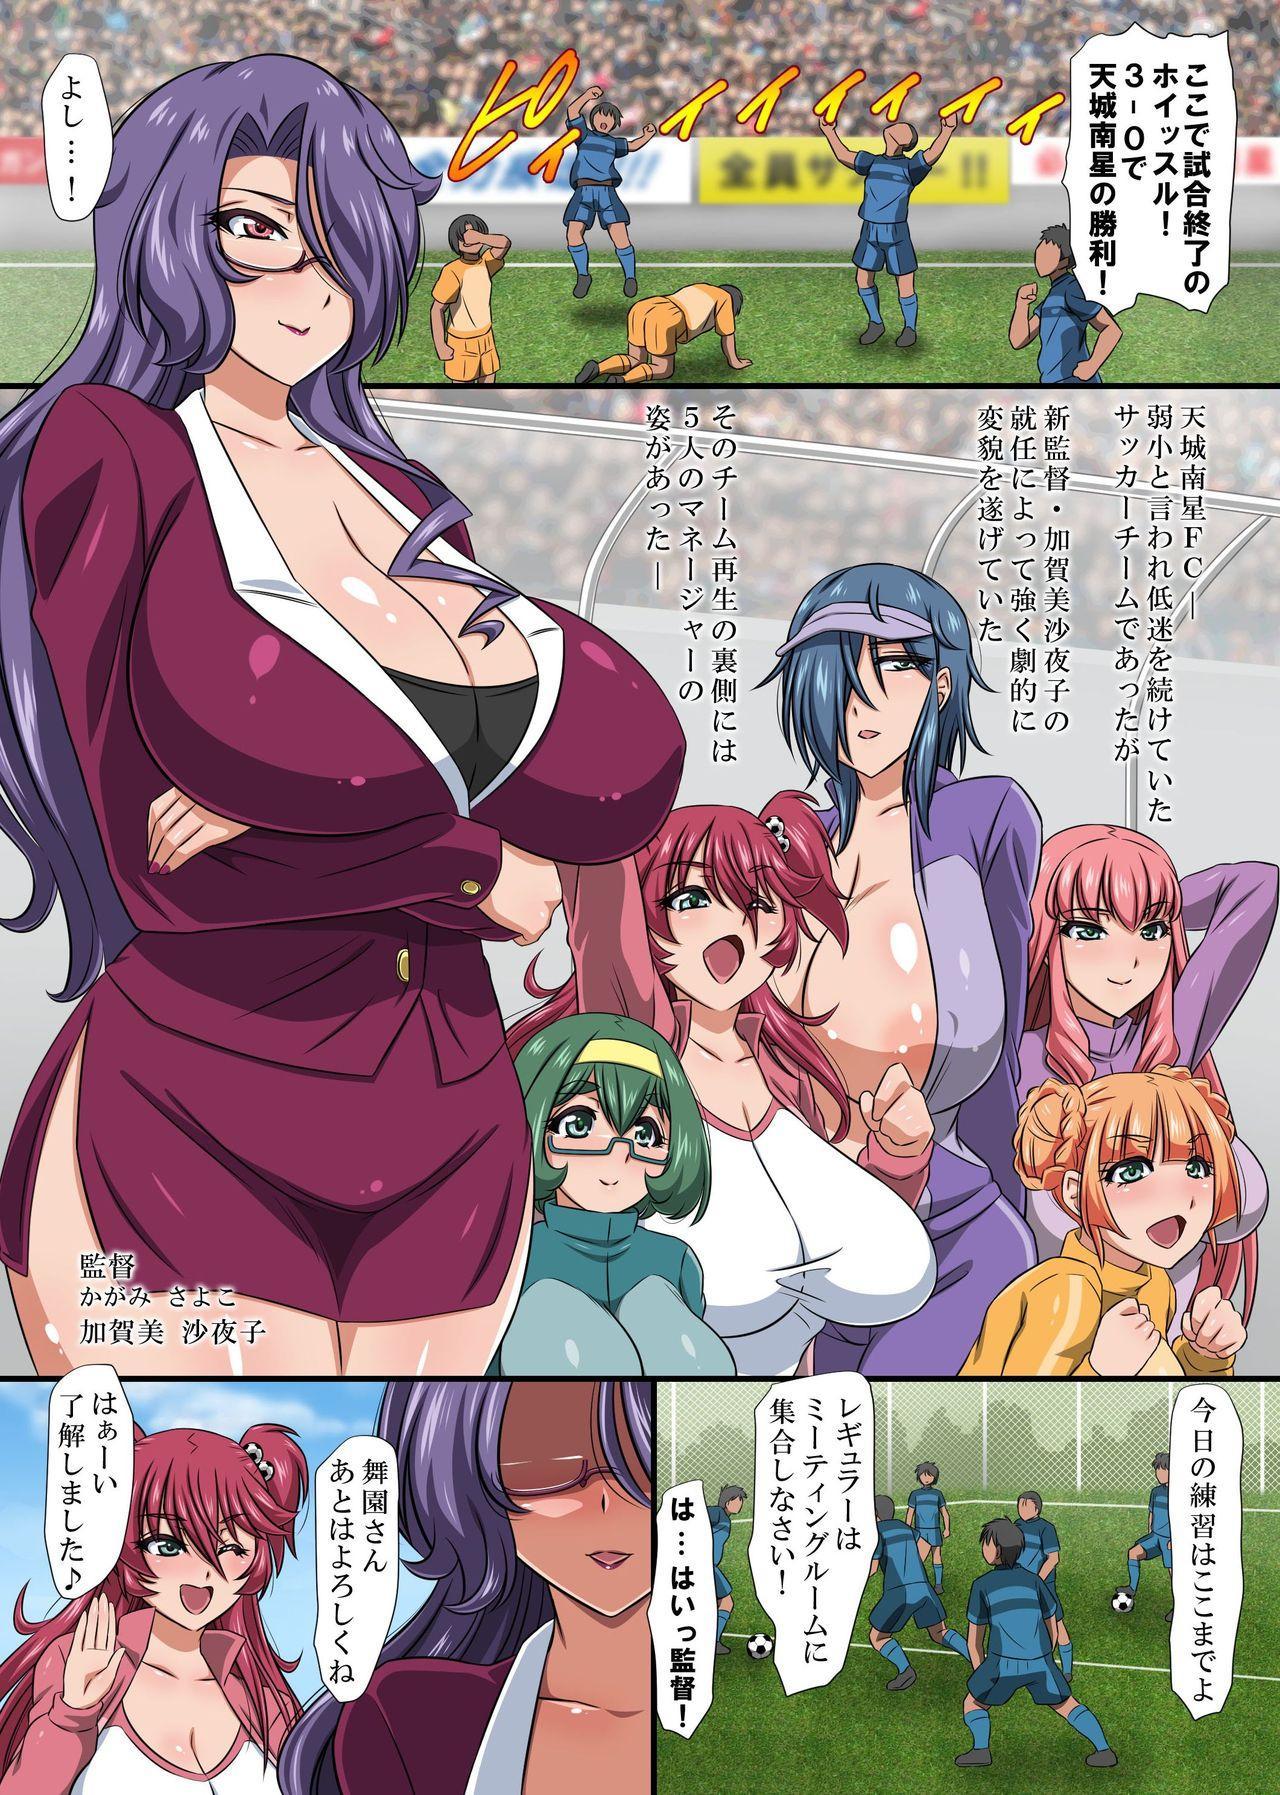 Bakunyu Team Staff no Kenshinteki de Ecchi na Oppai Gohobi 2